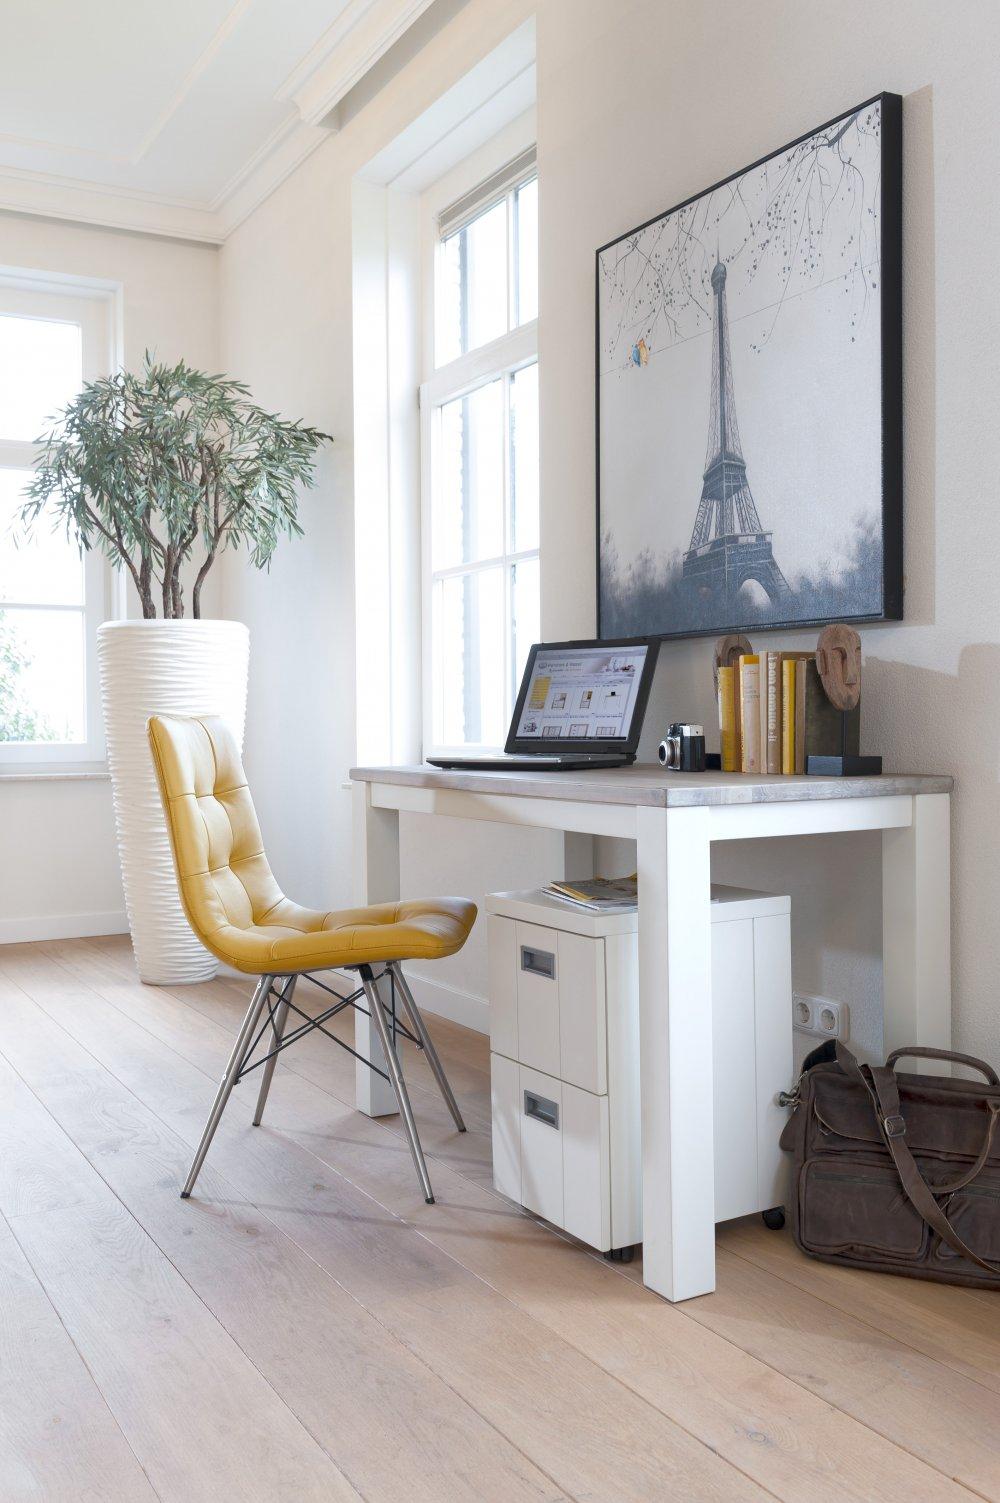 Фотографии над столом в интерьере